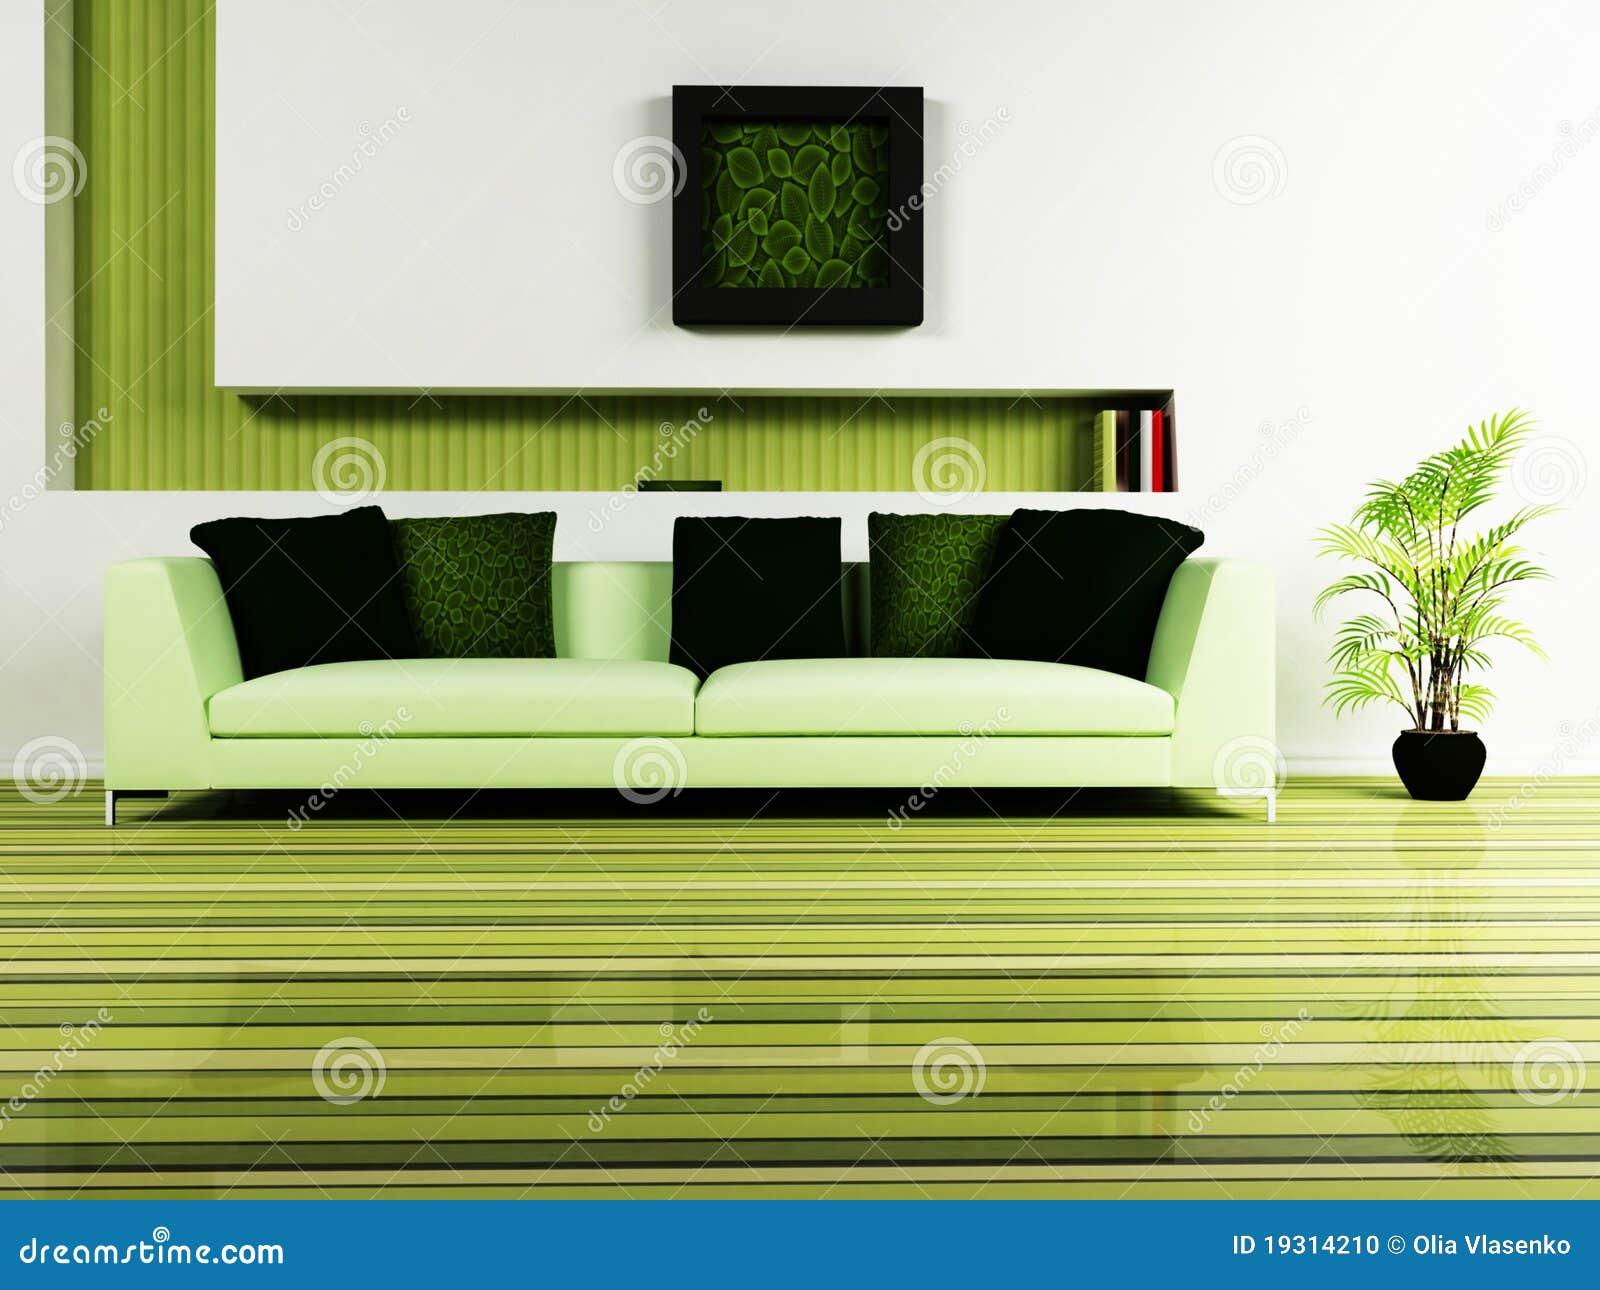 Disegno interno moderno del salone illustrazione di stock for Interno moderno